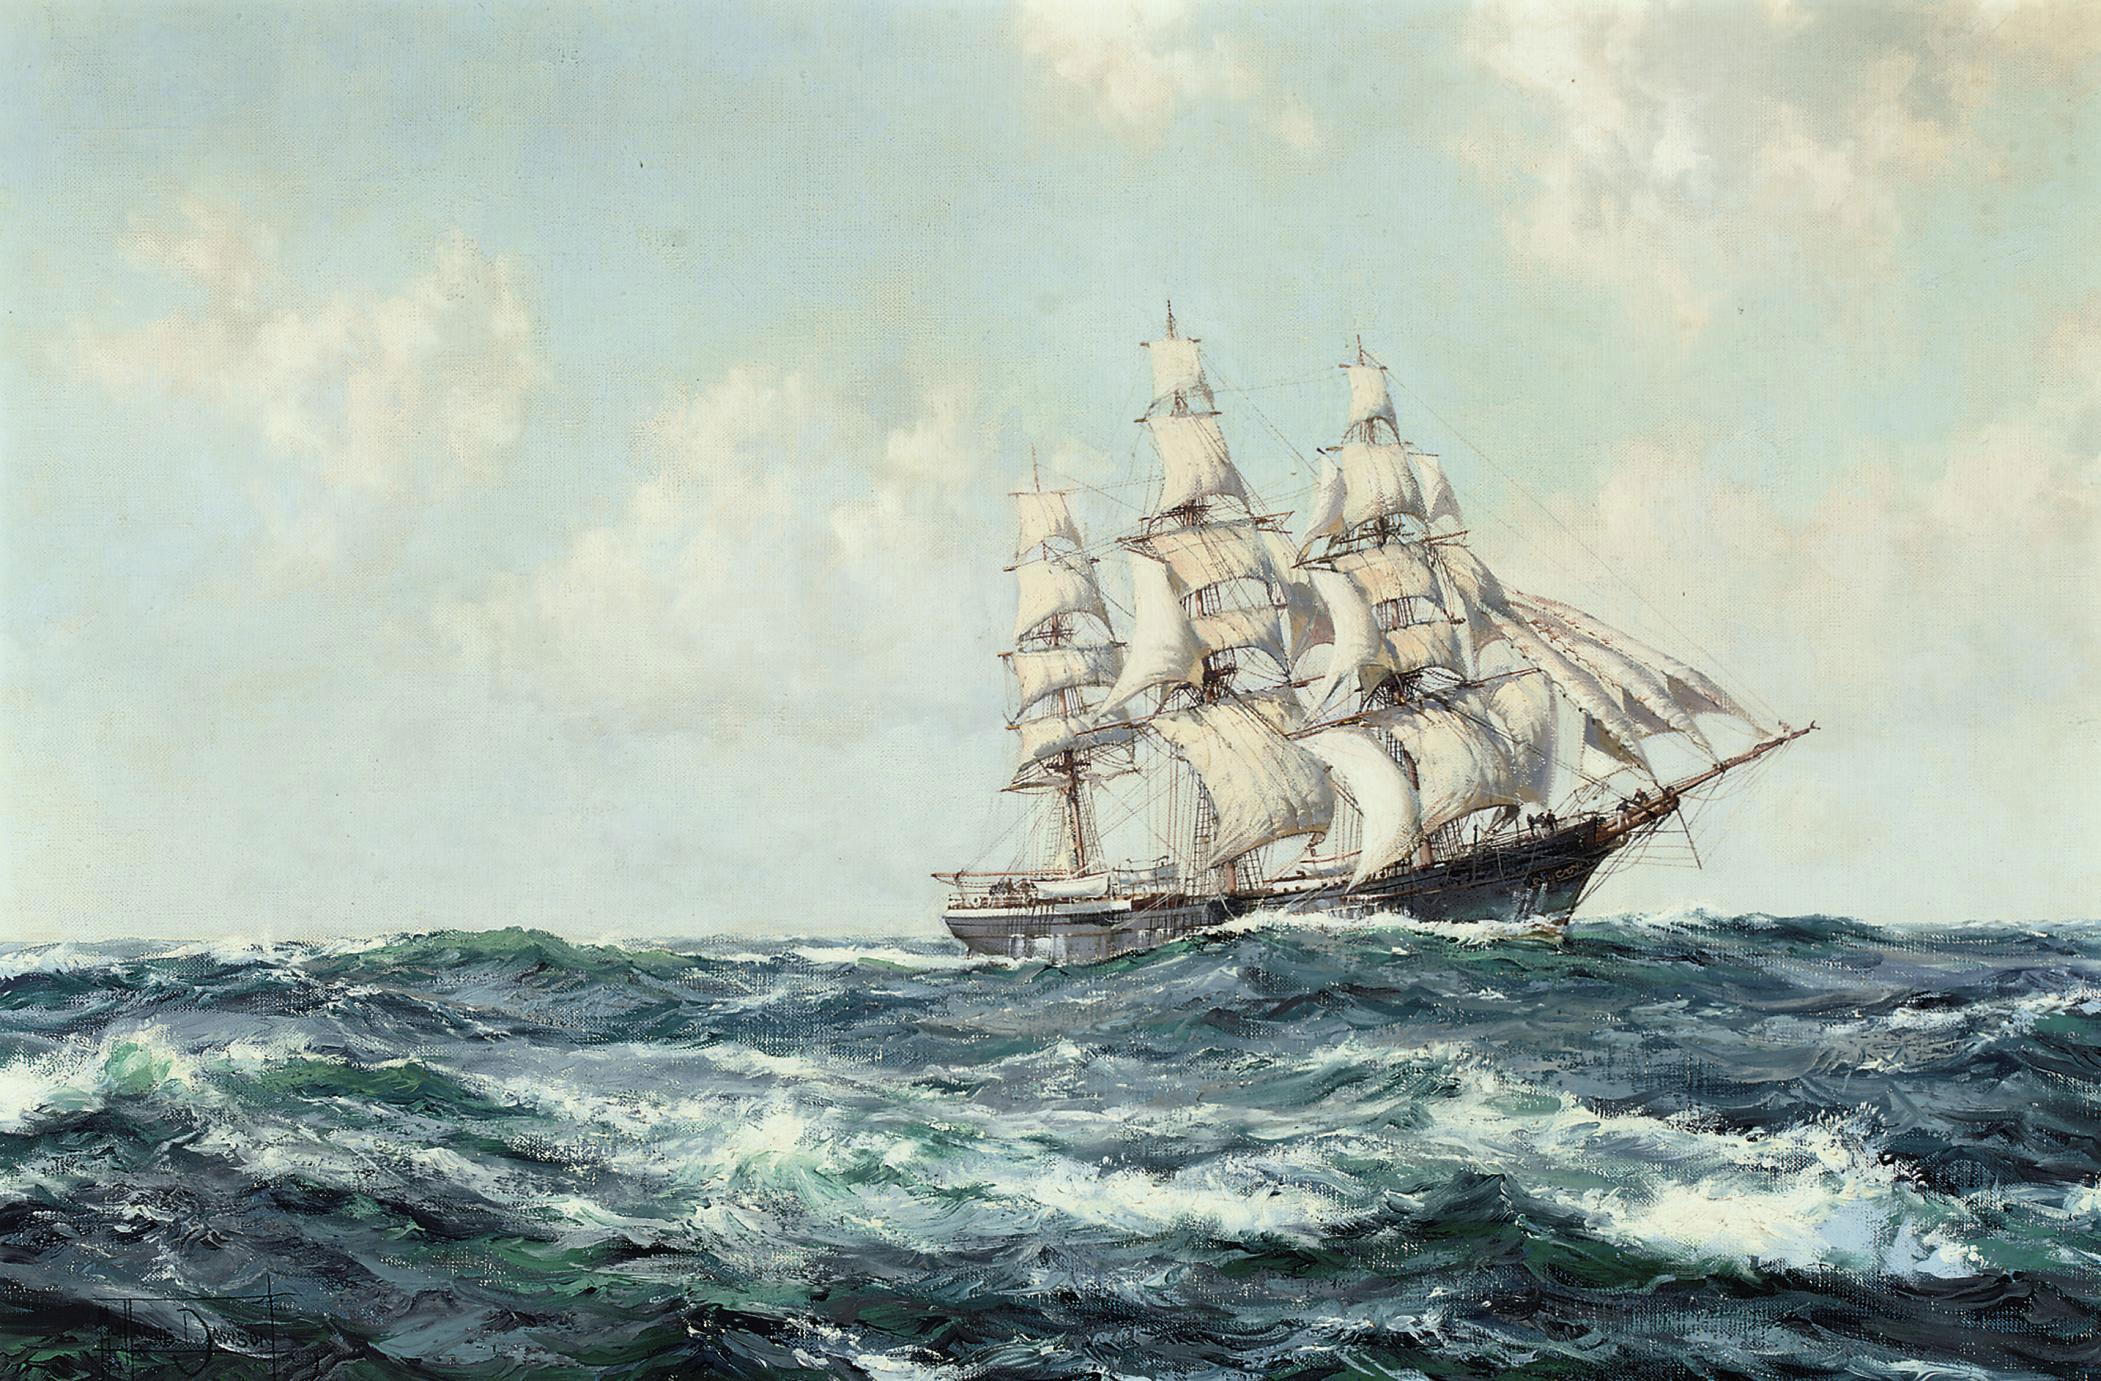 Montague Dawson, R.S.M.A., F.R